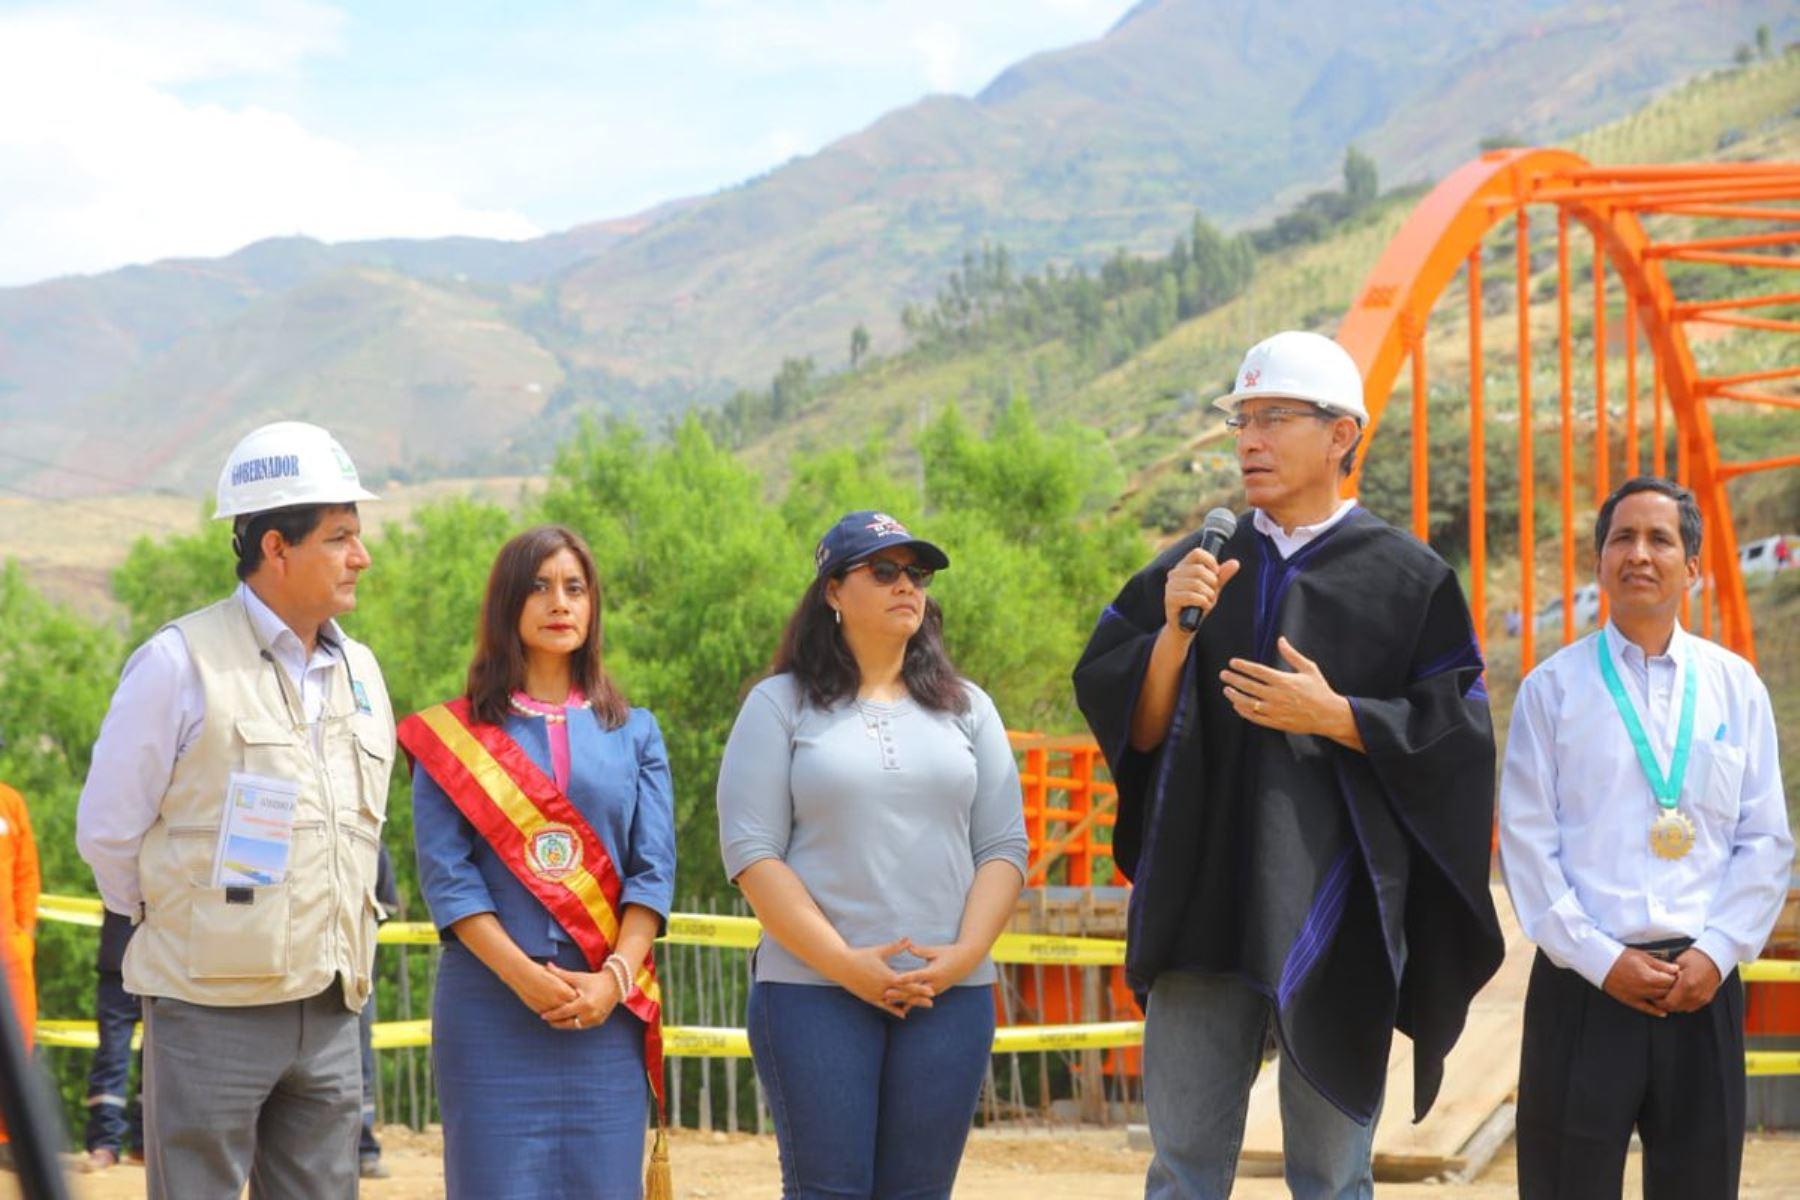 Presidente de la República, Martín Vizcarra, inspecciona construcción del puente Santa María del Valle y el mejoramiento vial en Huánuco. ANDINA/Prensa Presidencia